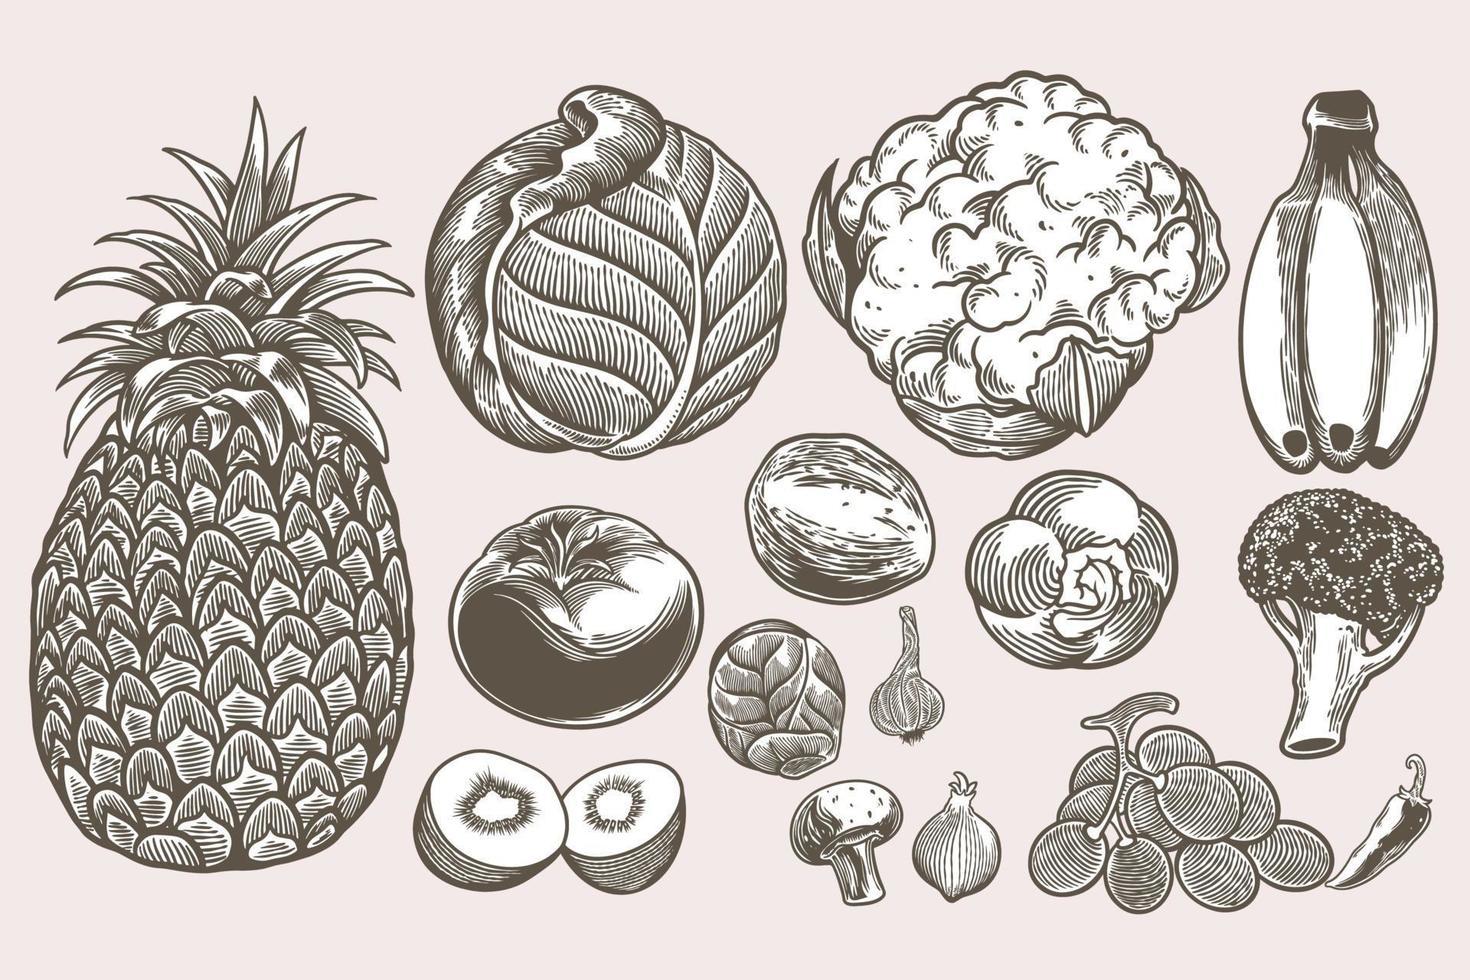 vegan doodle set collection de modèles de croquis dessinés à la main doodle de gravure vintage. éléments isolés détaillés sur fond blanc, parfait pour le menu, la conception de livres. images de nourriture rétro vintage. vecteur